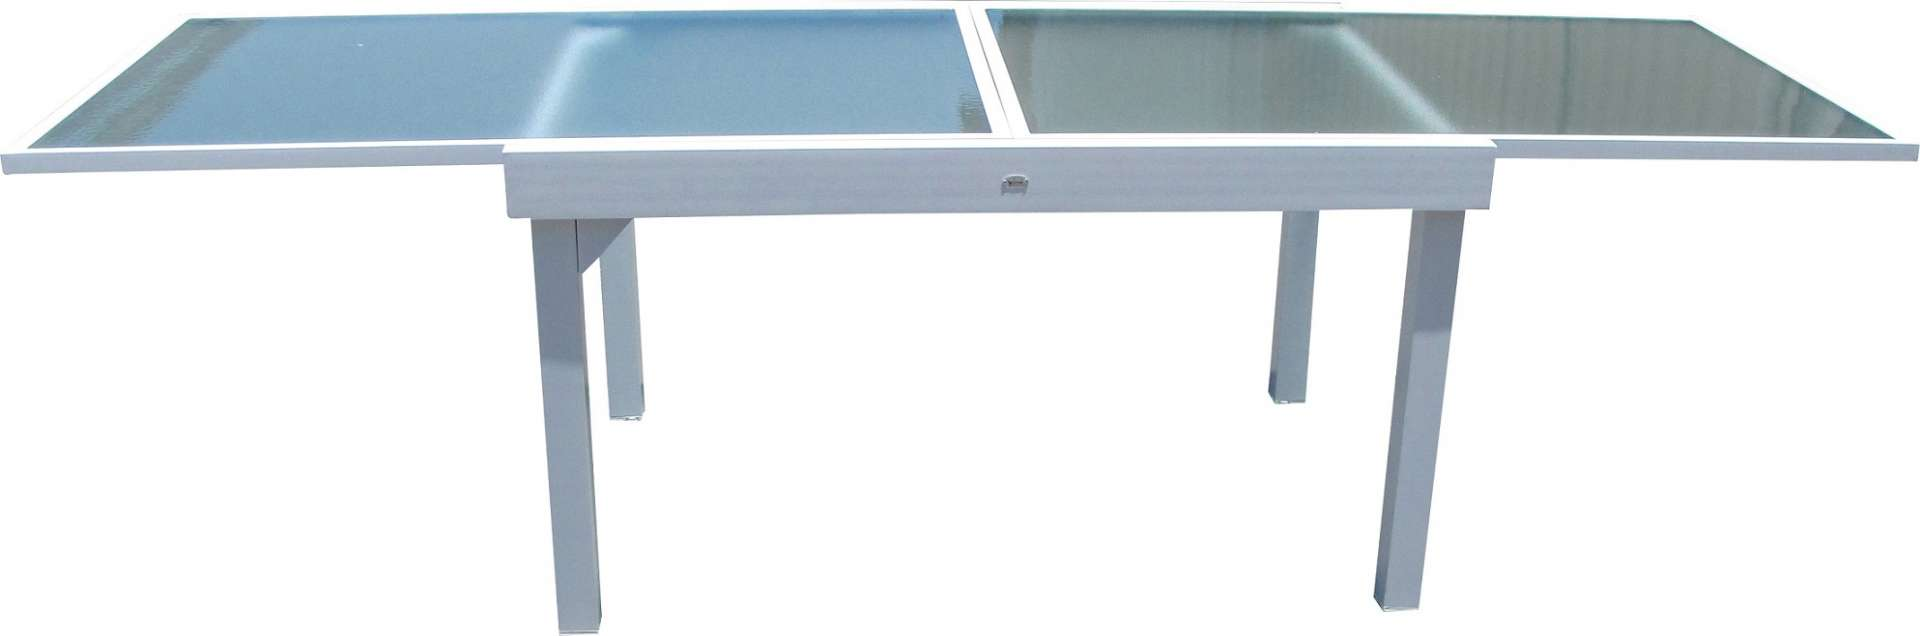 שולחן אוכל איכותי נפתח אלומיניום לבן בגדלים שונים